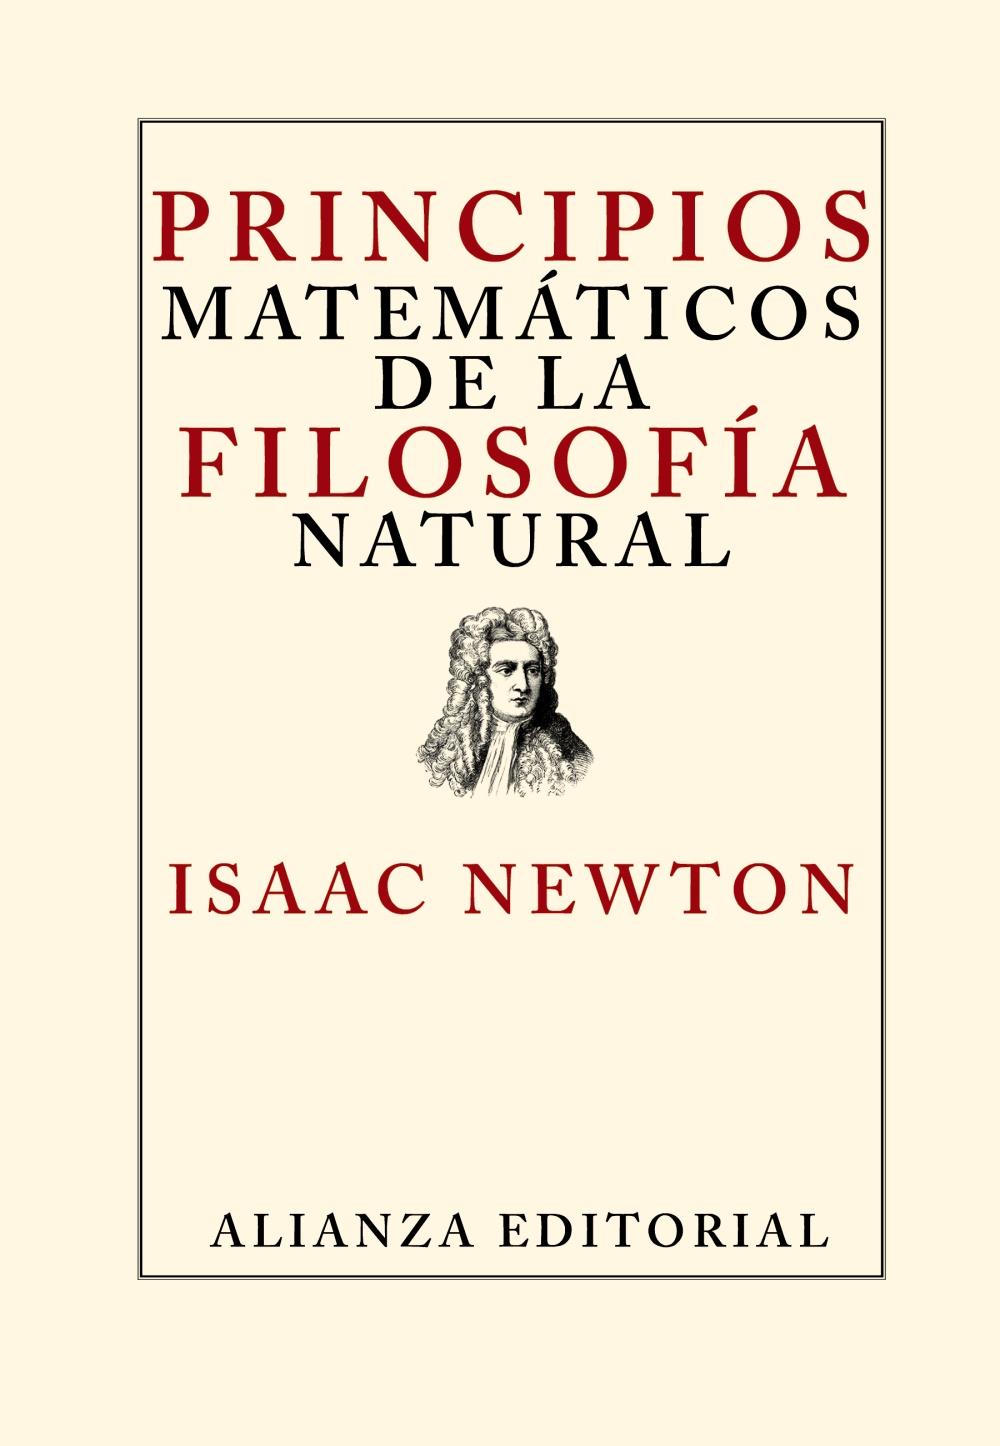 Principios Matemáticos De La Filosofía Natural Alianza Editorial